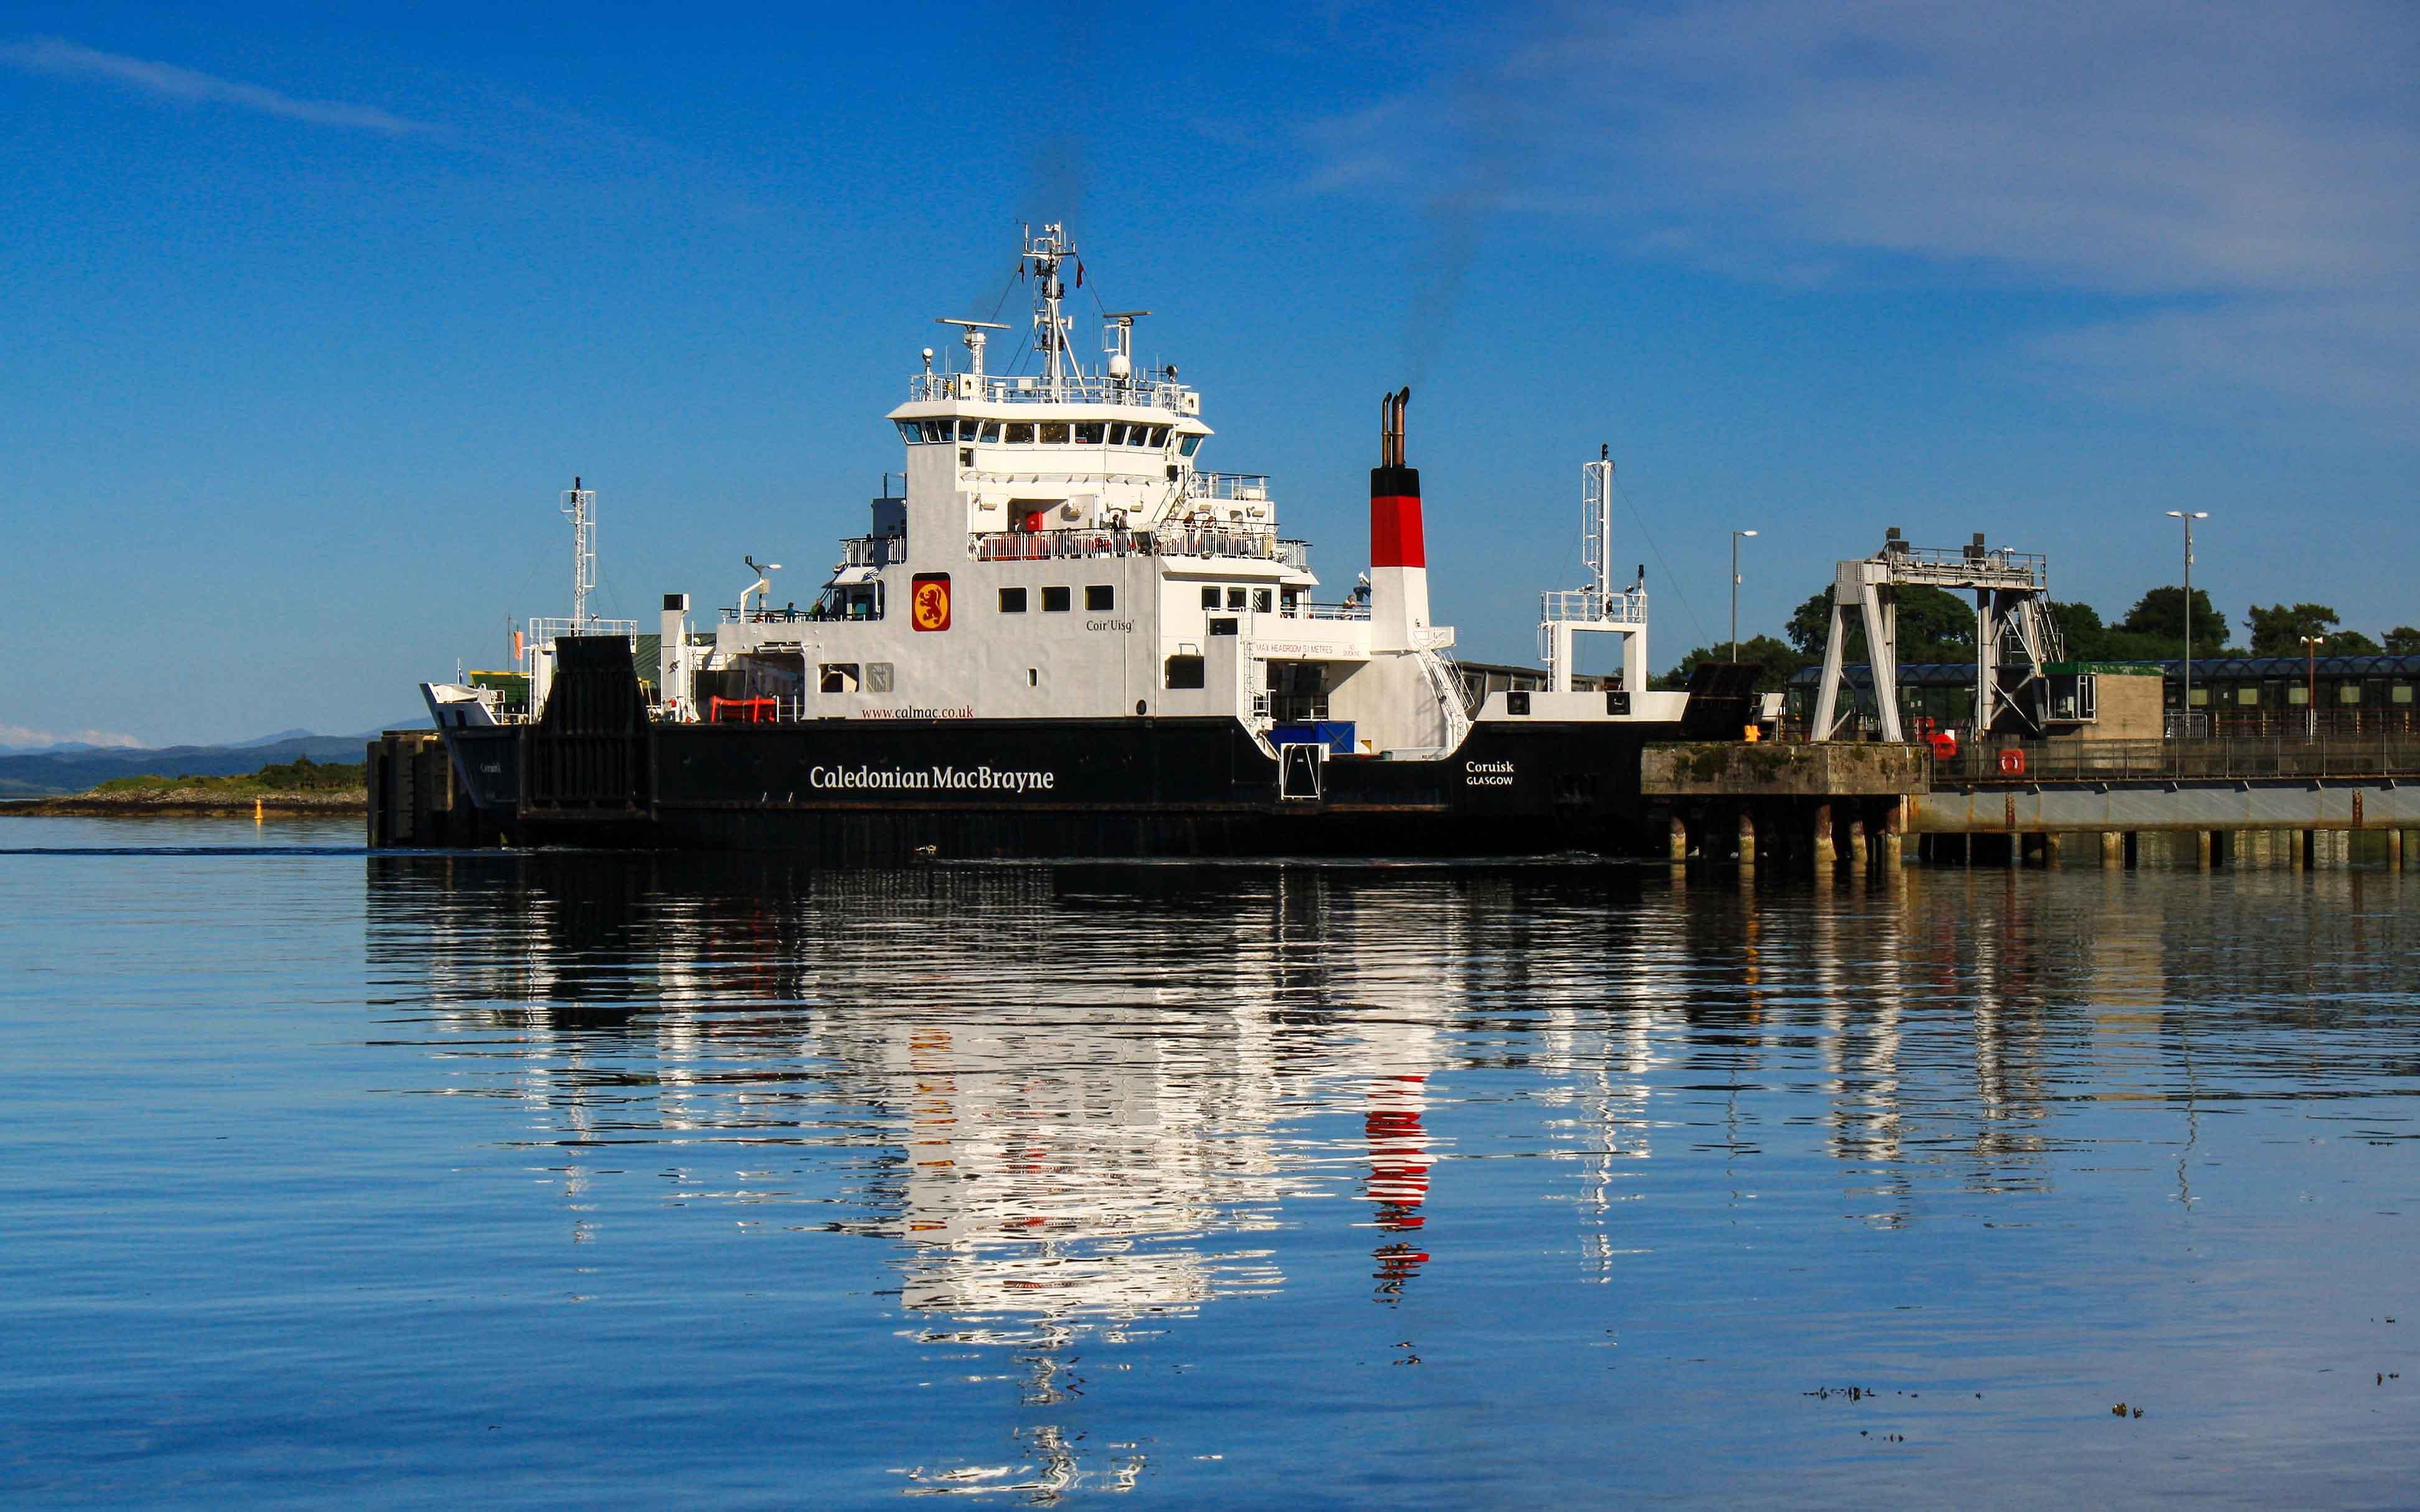 Coruisk at Craignure (Ships of CalMac)